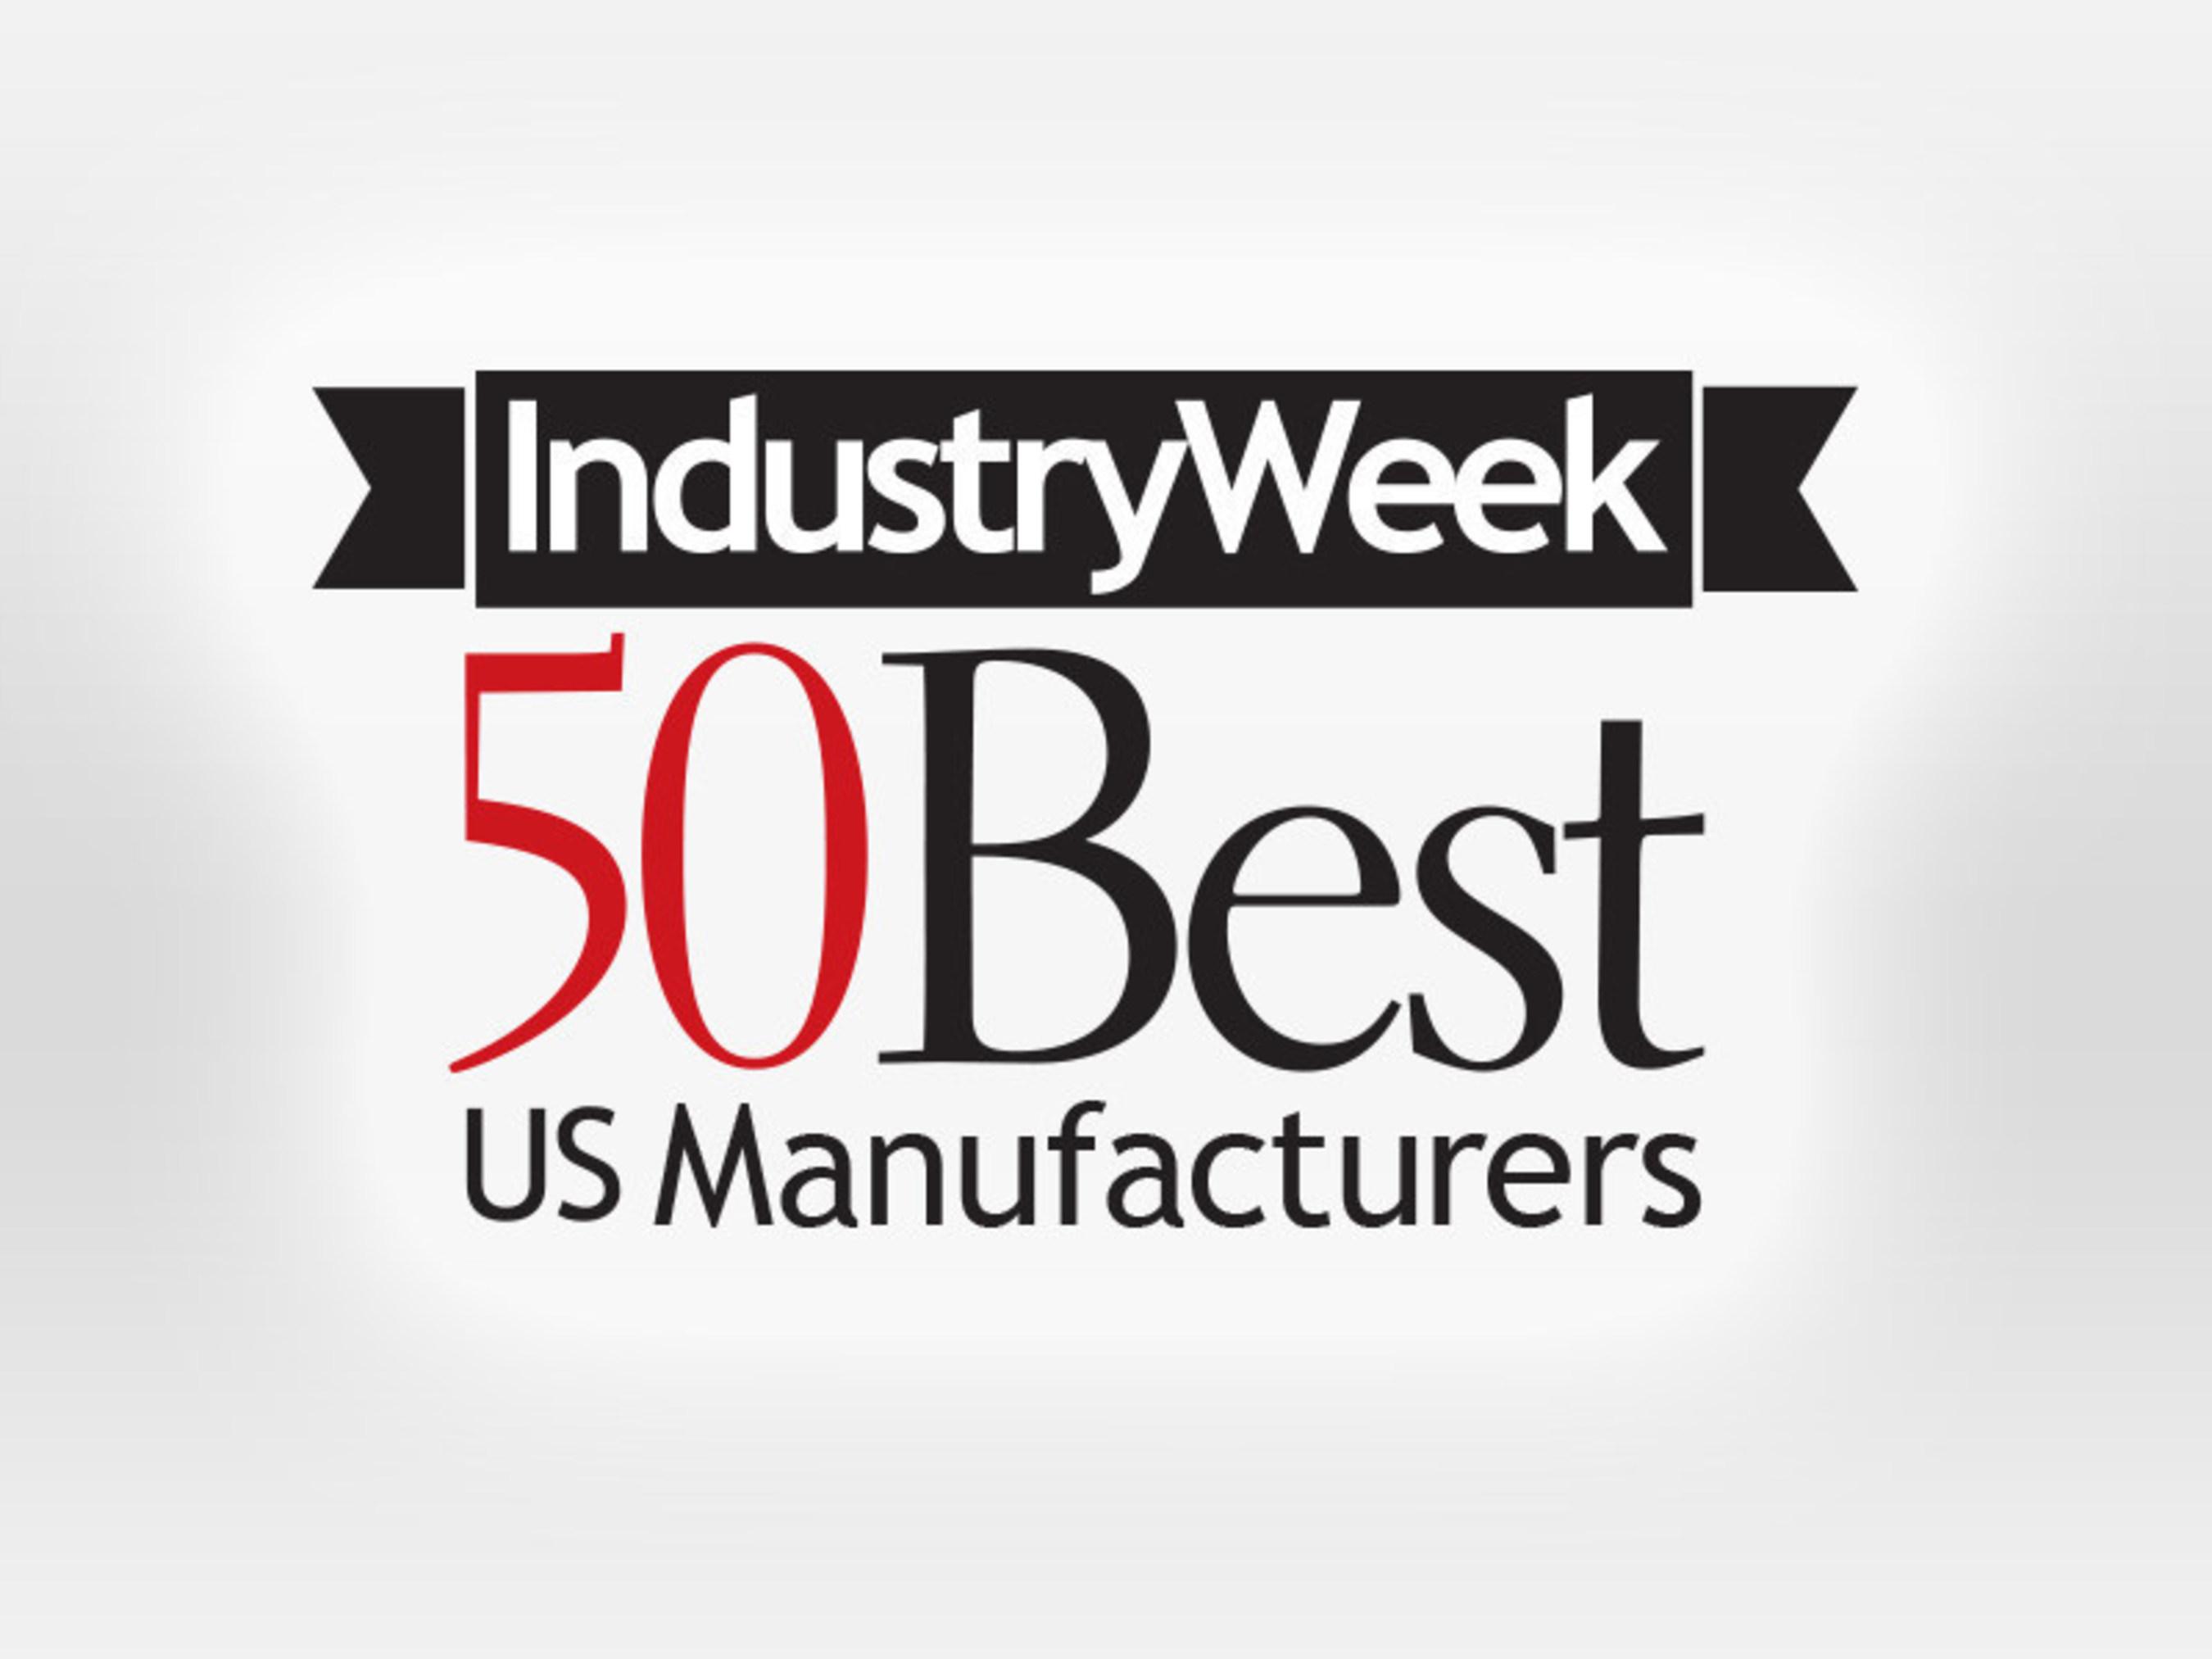 Penton's IndustryWeek Recognizes 50 Best U.S. Manufacturers